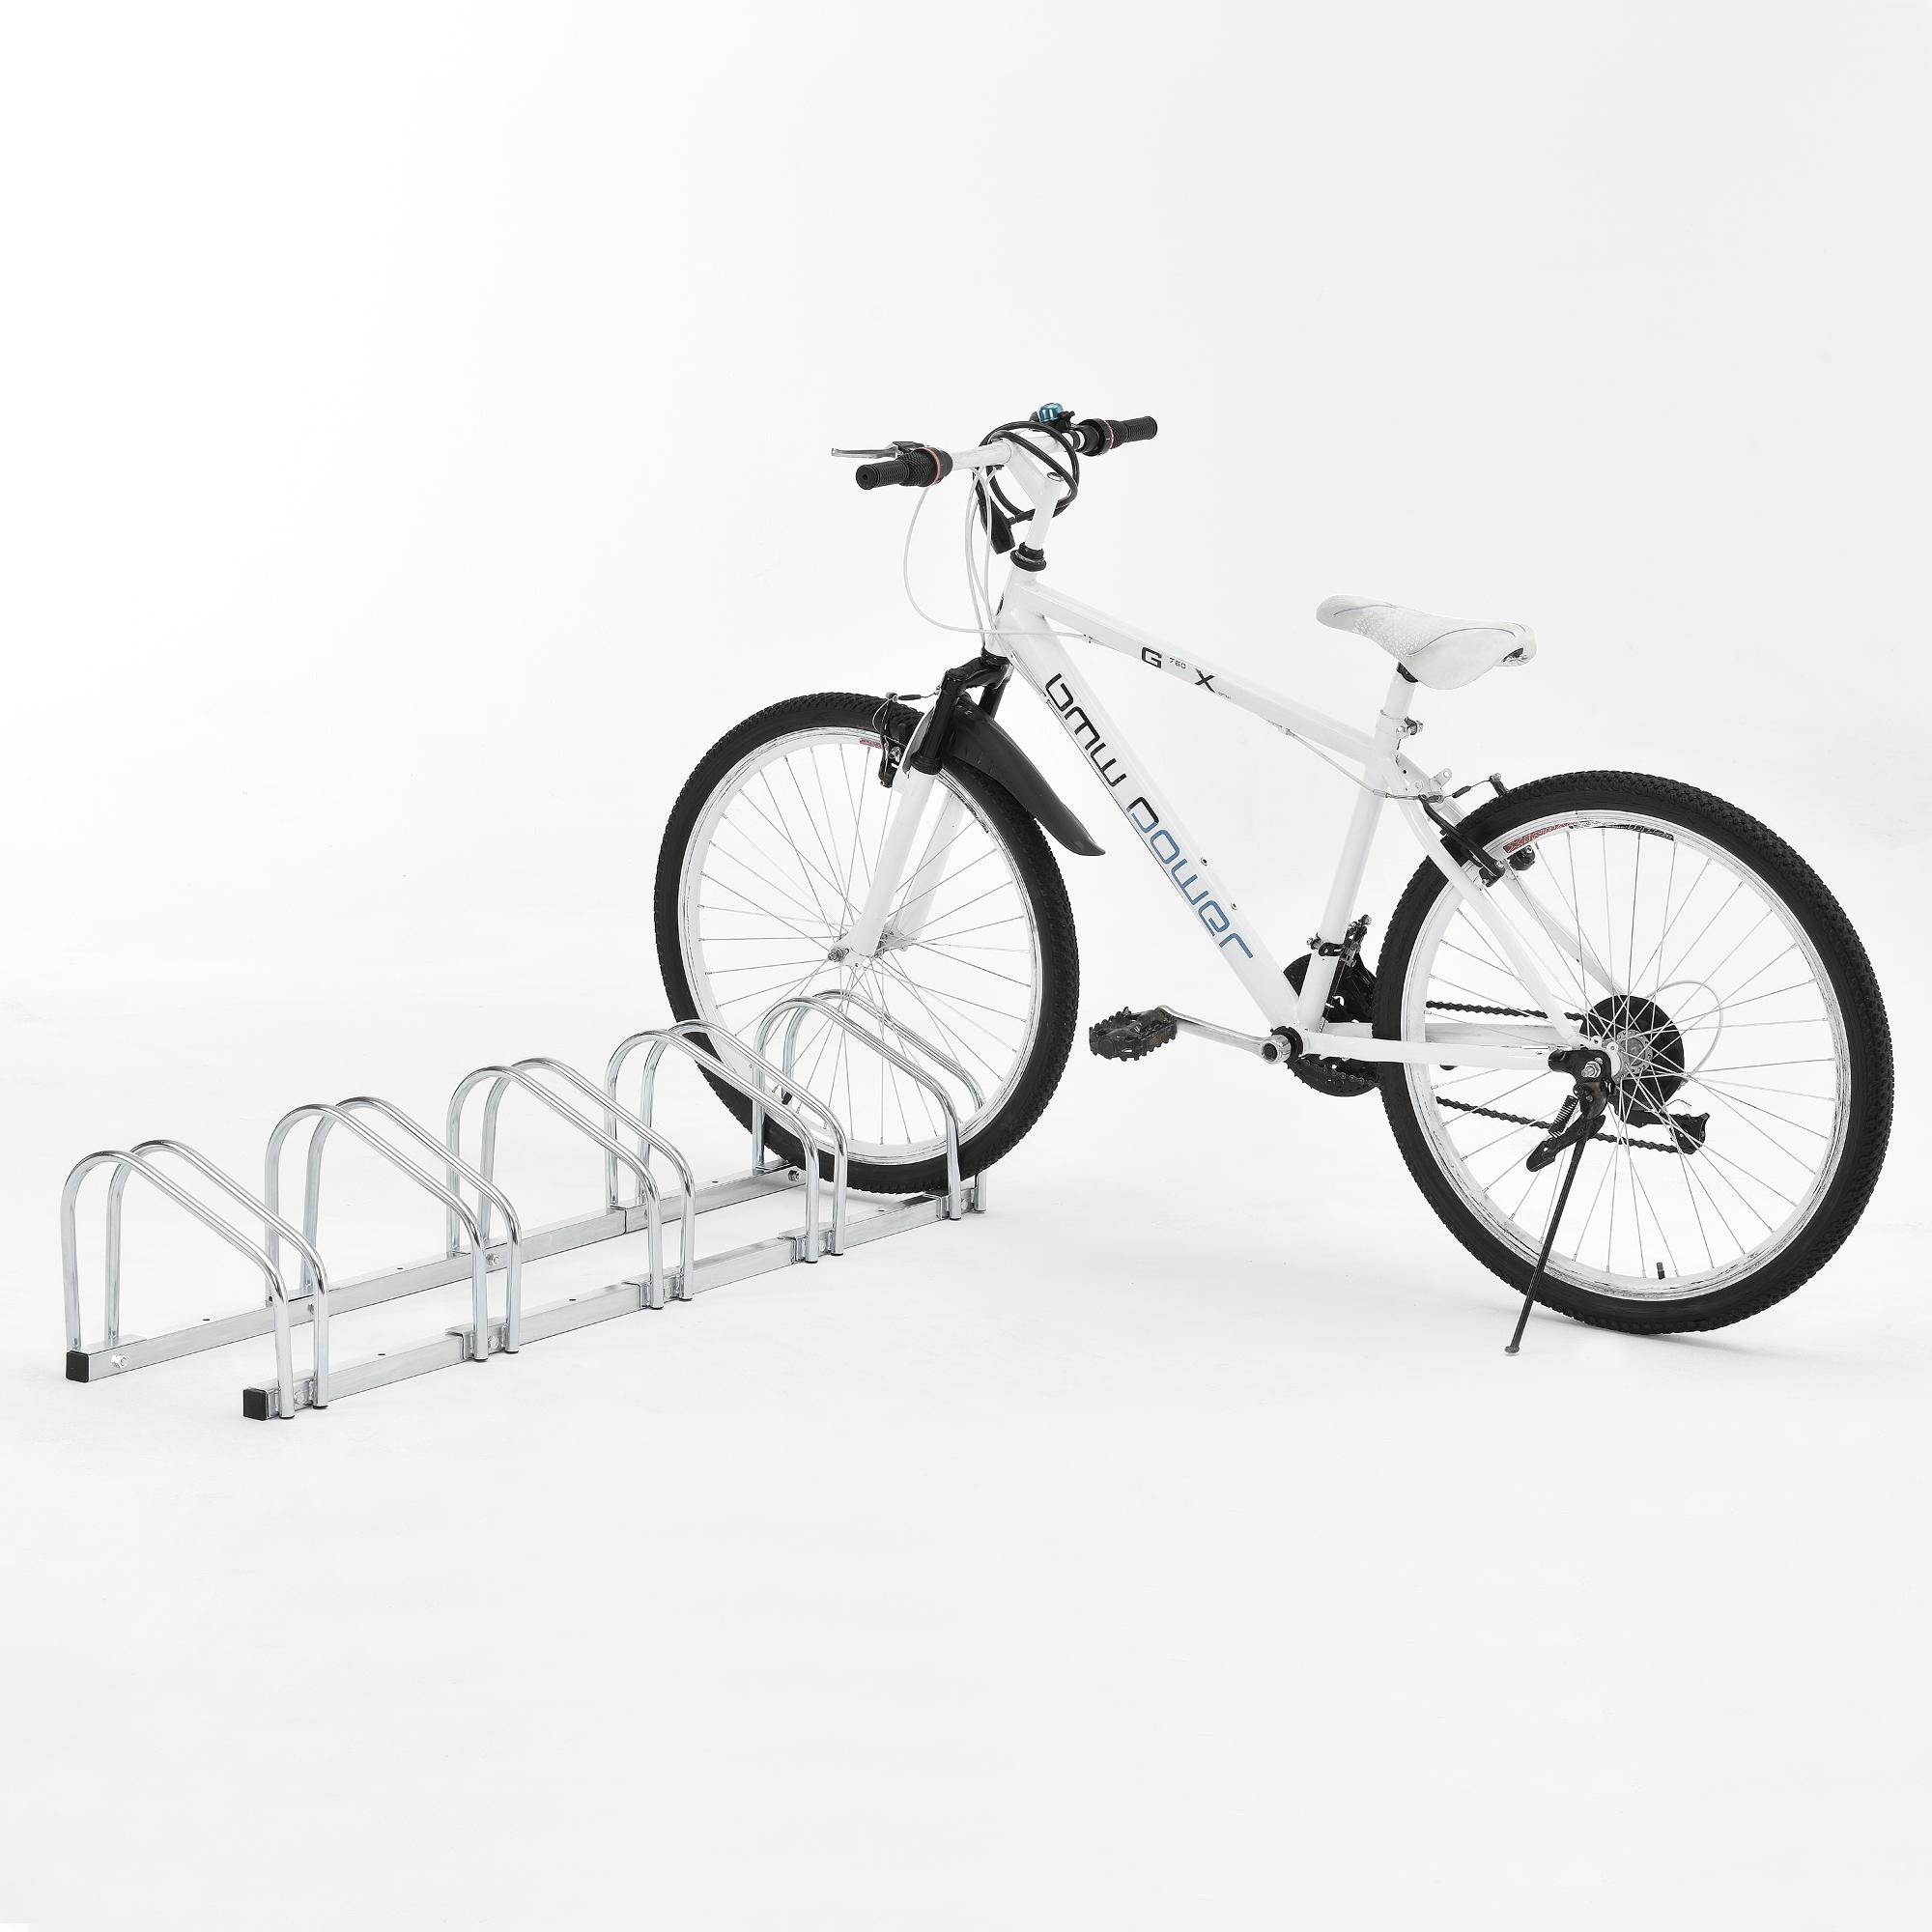 fahrradst nder f r 5 fahrr der st nder. Black Bedroom Furniture Sets. Home Design Ideas